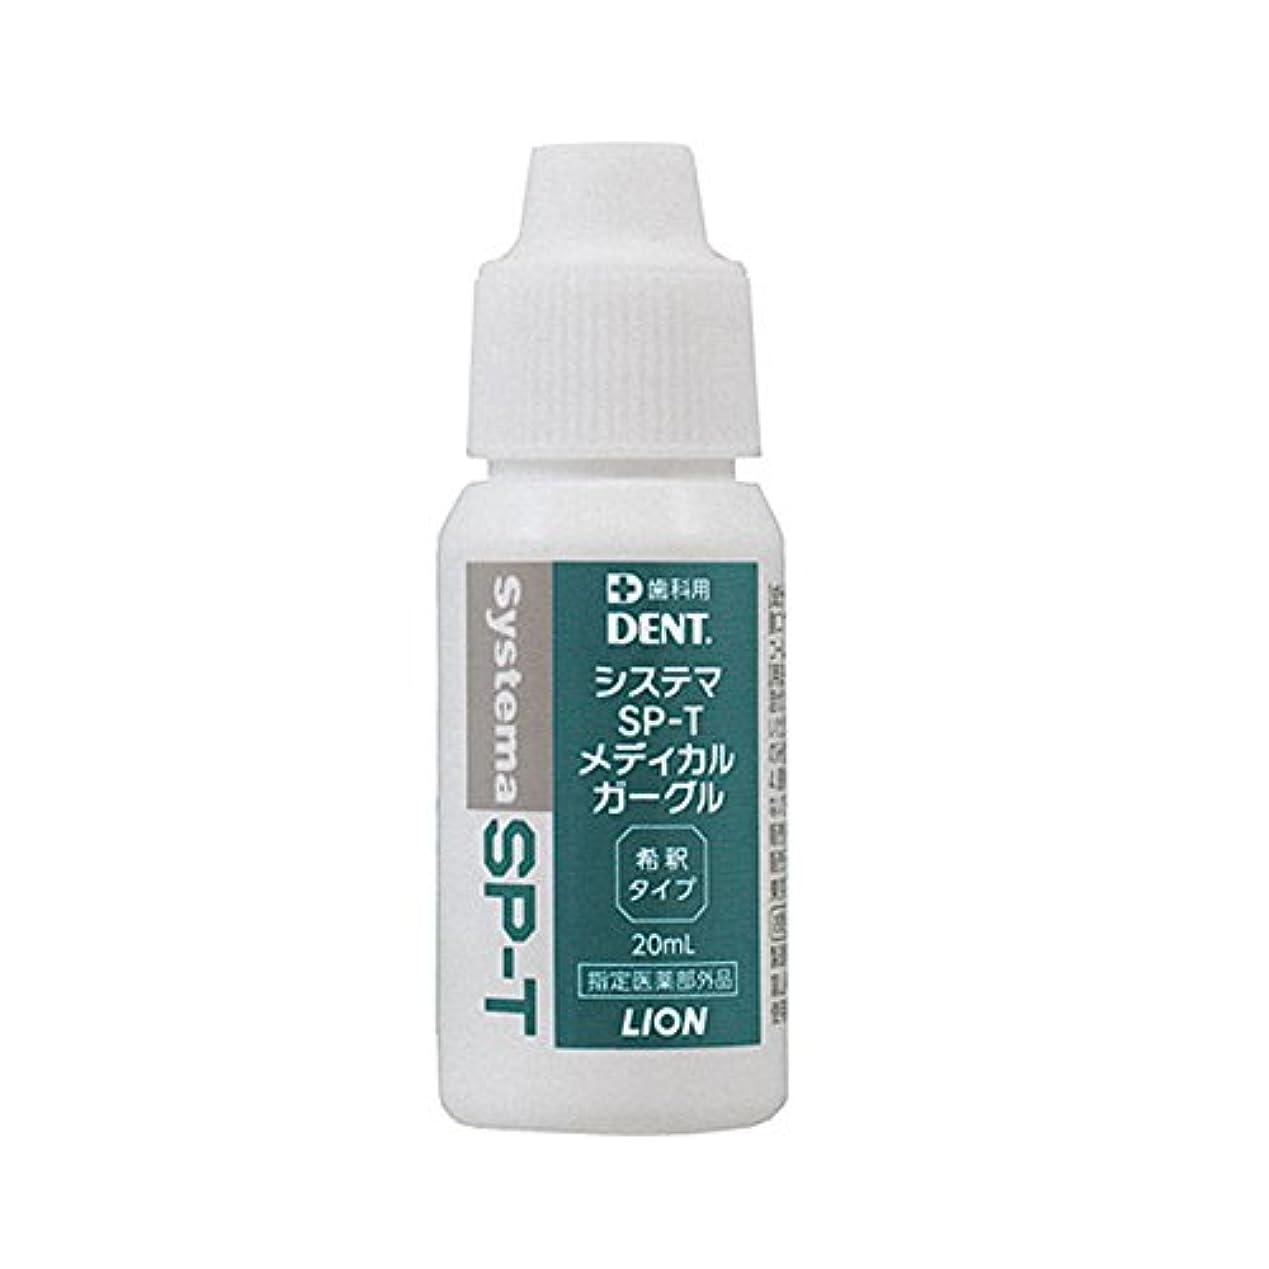 ビーム小さい選択システマ SP-T メディカルガーグル 20ml [指定医薬部外品]